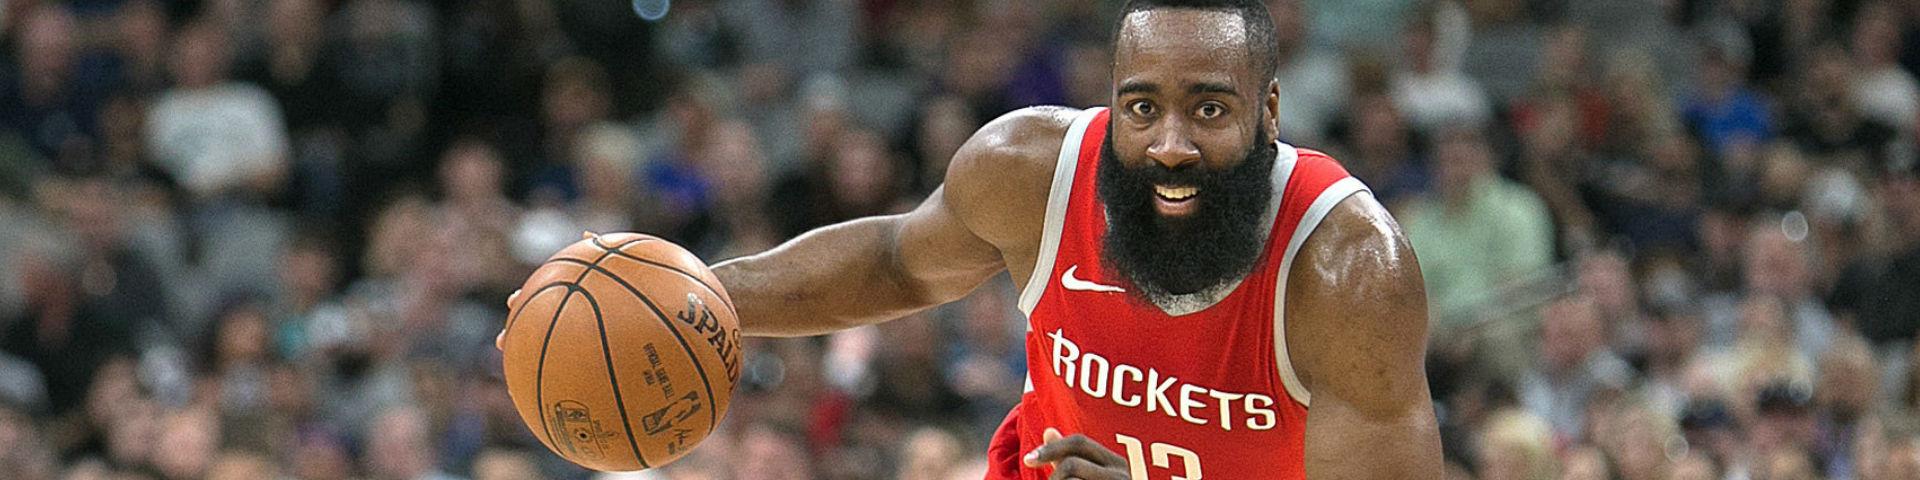 БК William Hill заключила партнёрское соглашение с НБА